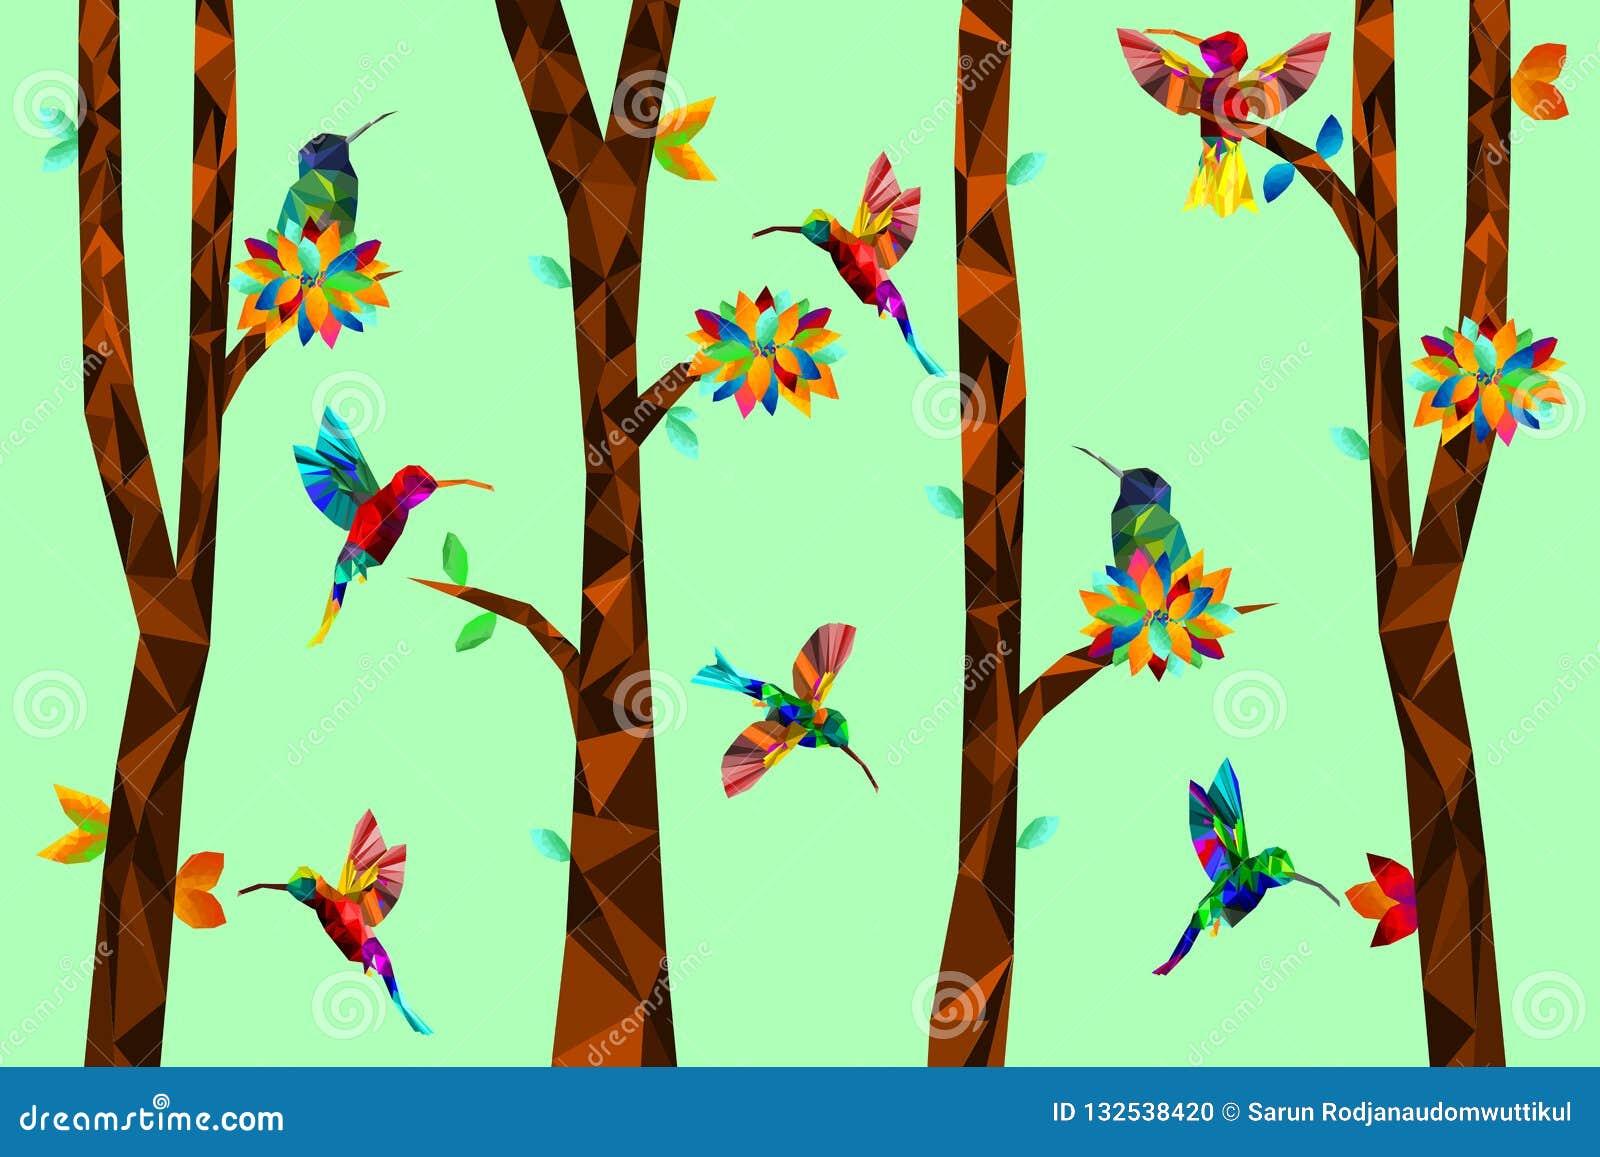 Poli colibrì variopinto basso con l albero sulle foglie cadenti indietro a terra, uccelli sui rami, concetto geometrico animale,